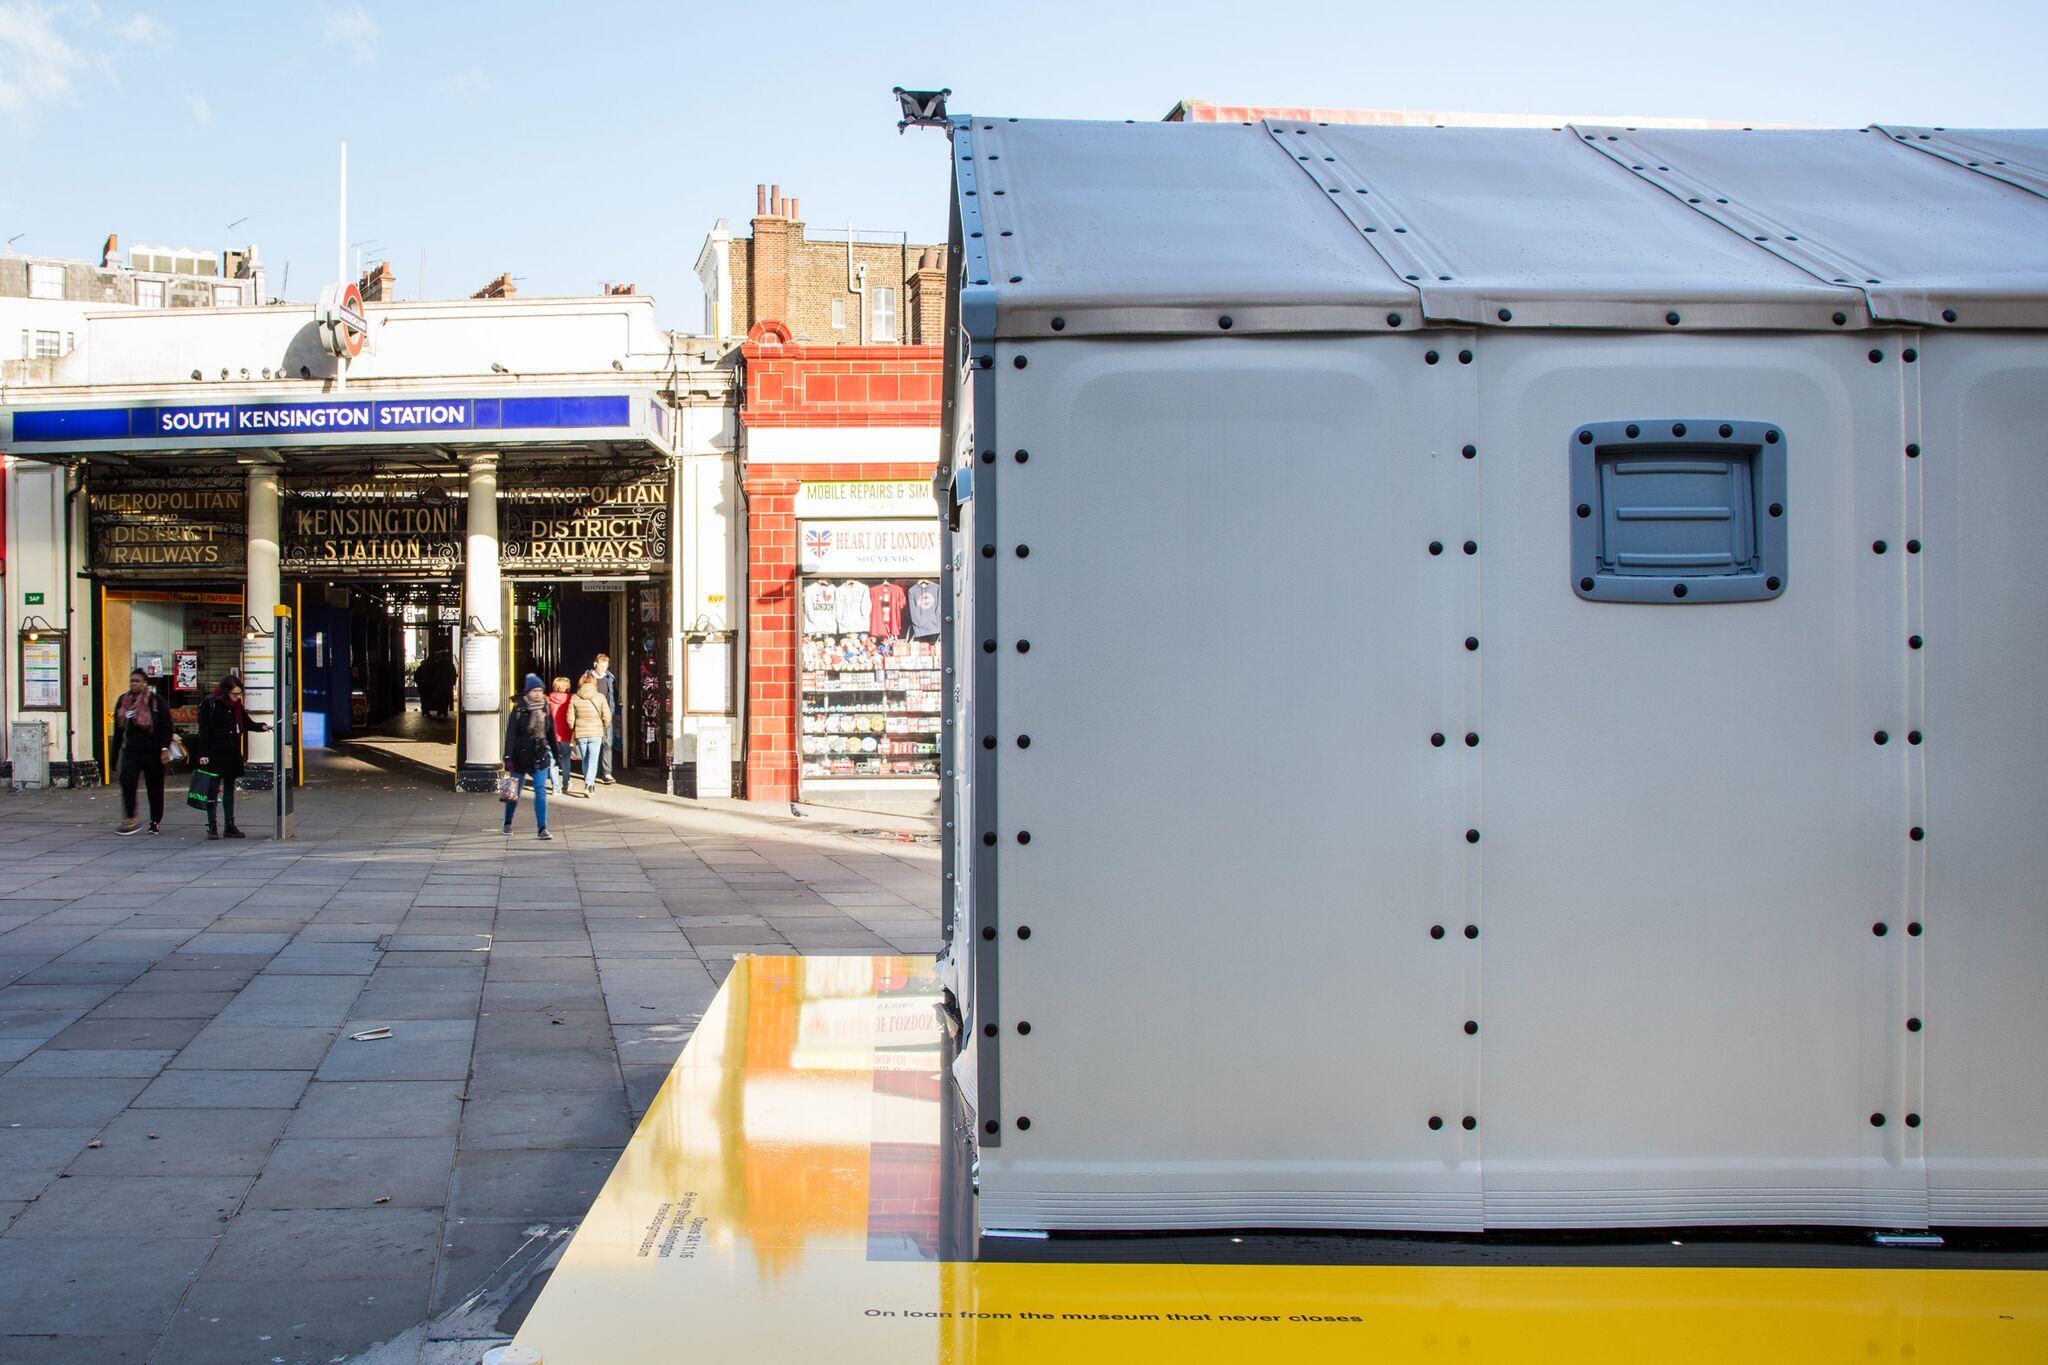 ikea-refugee-shelter-design-museum-installation-news-london-uk_dezeen_2364_col_9_preview.jpg